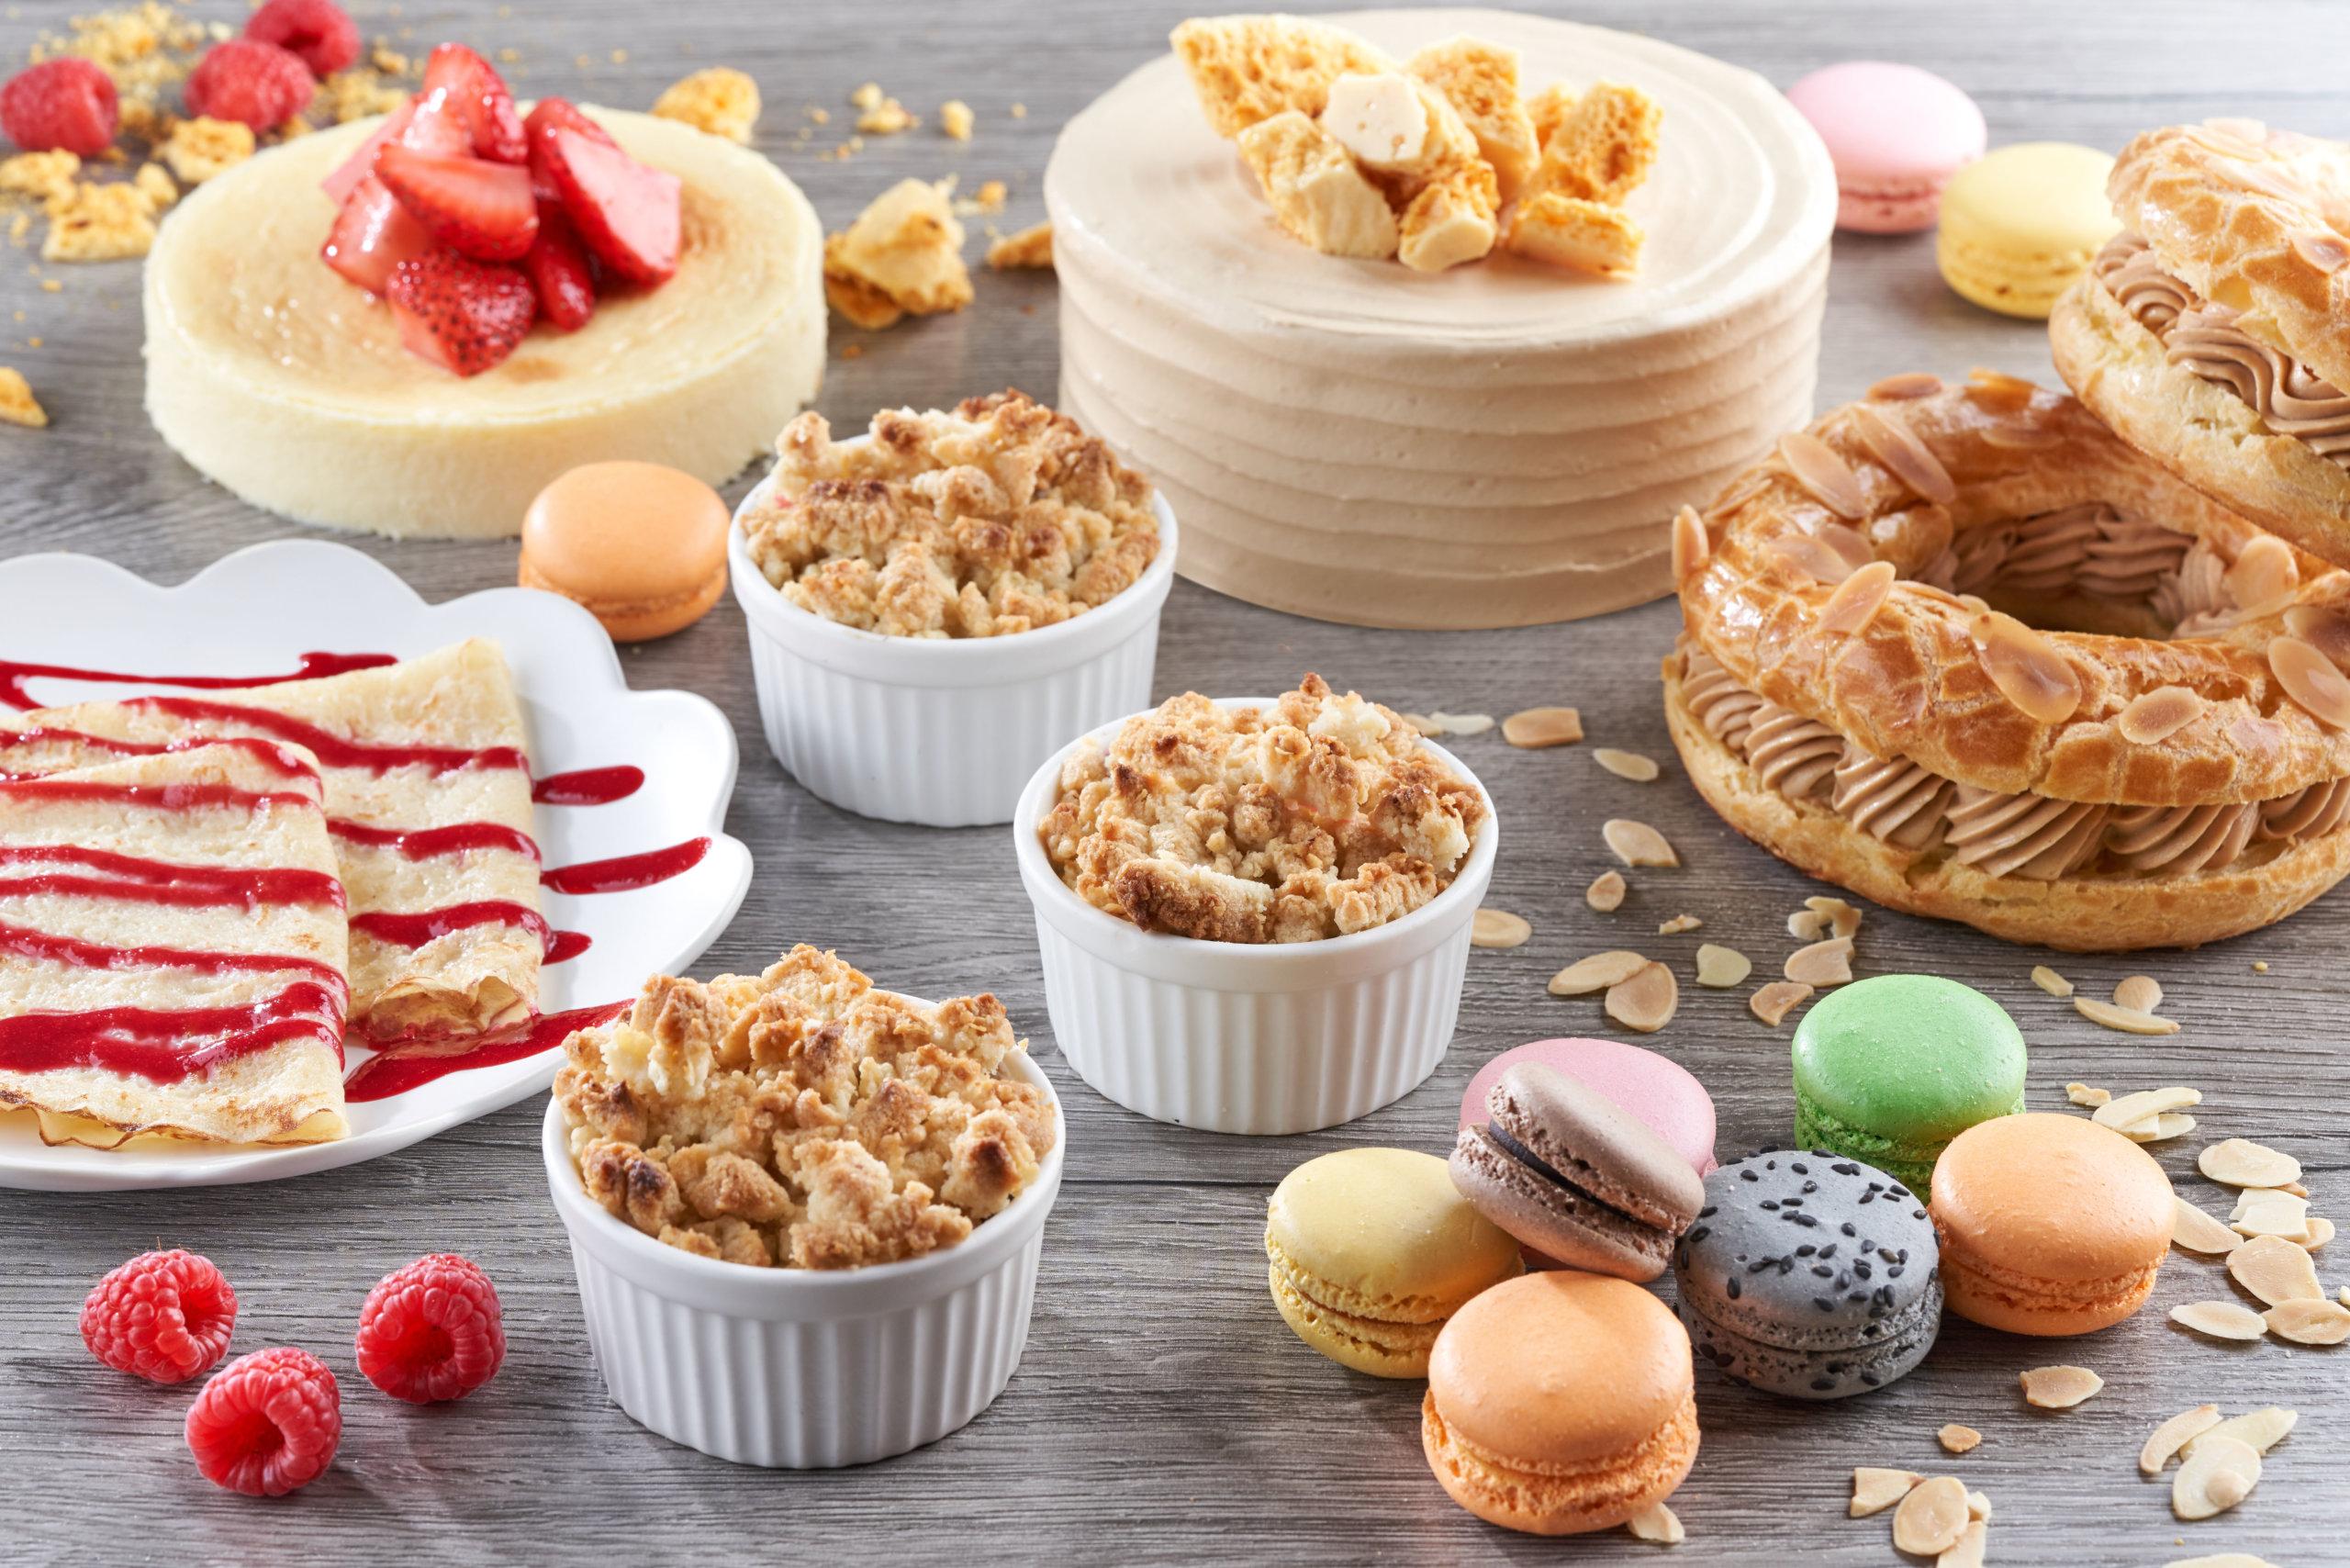 這趟歐陸之旅,除了德國經典甜品黑森林蛋糕及德國芝士餅外,法國甜品則有巴黎圈,每口均有豐富層次。